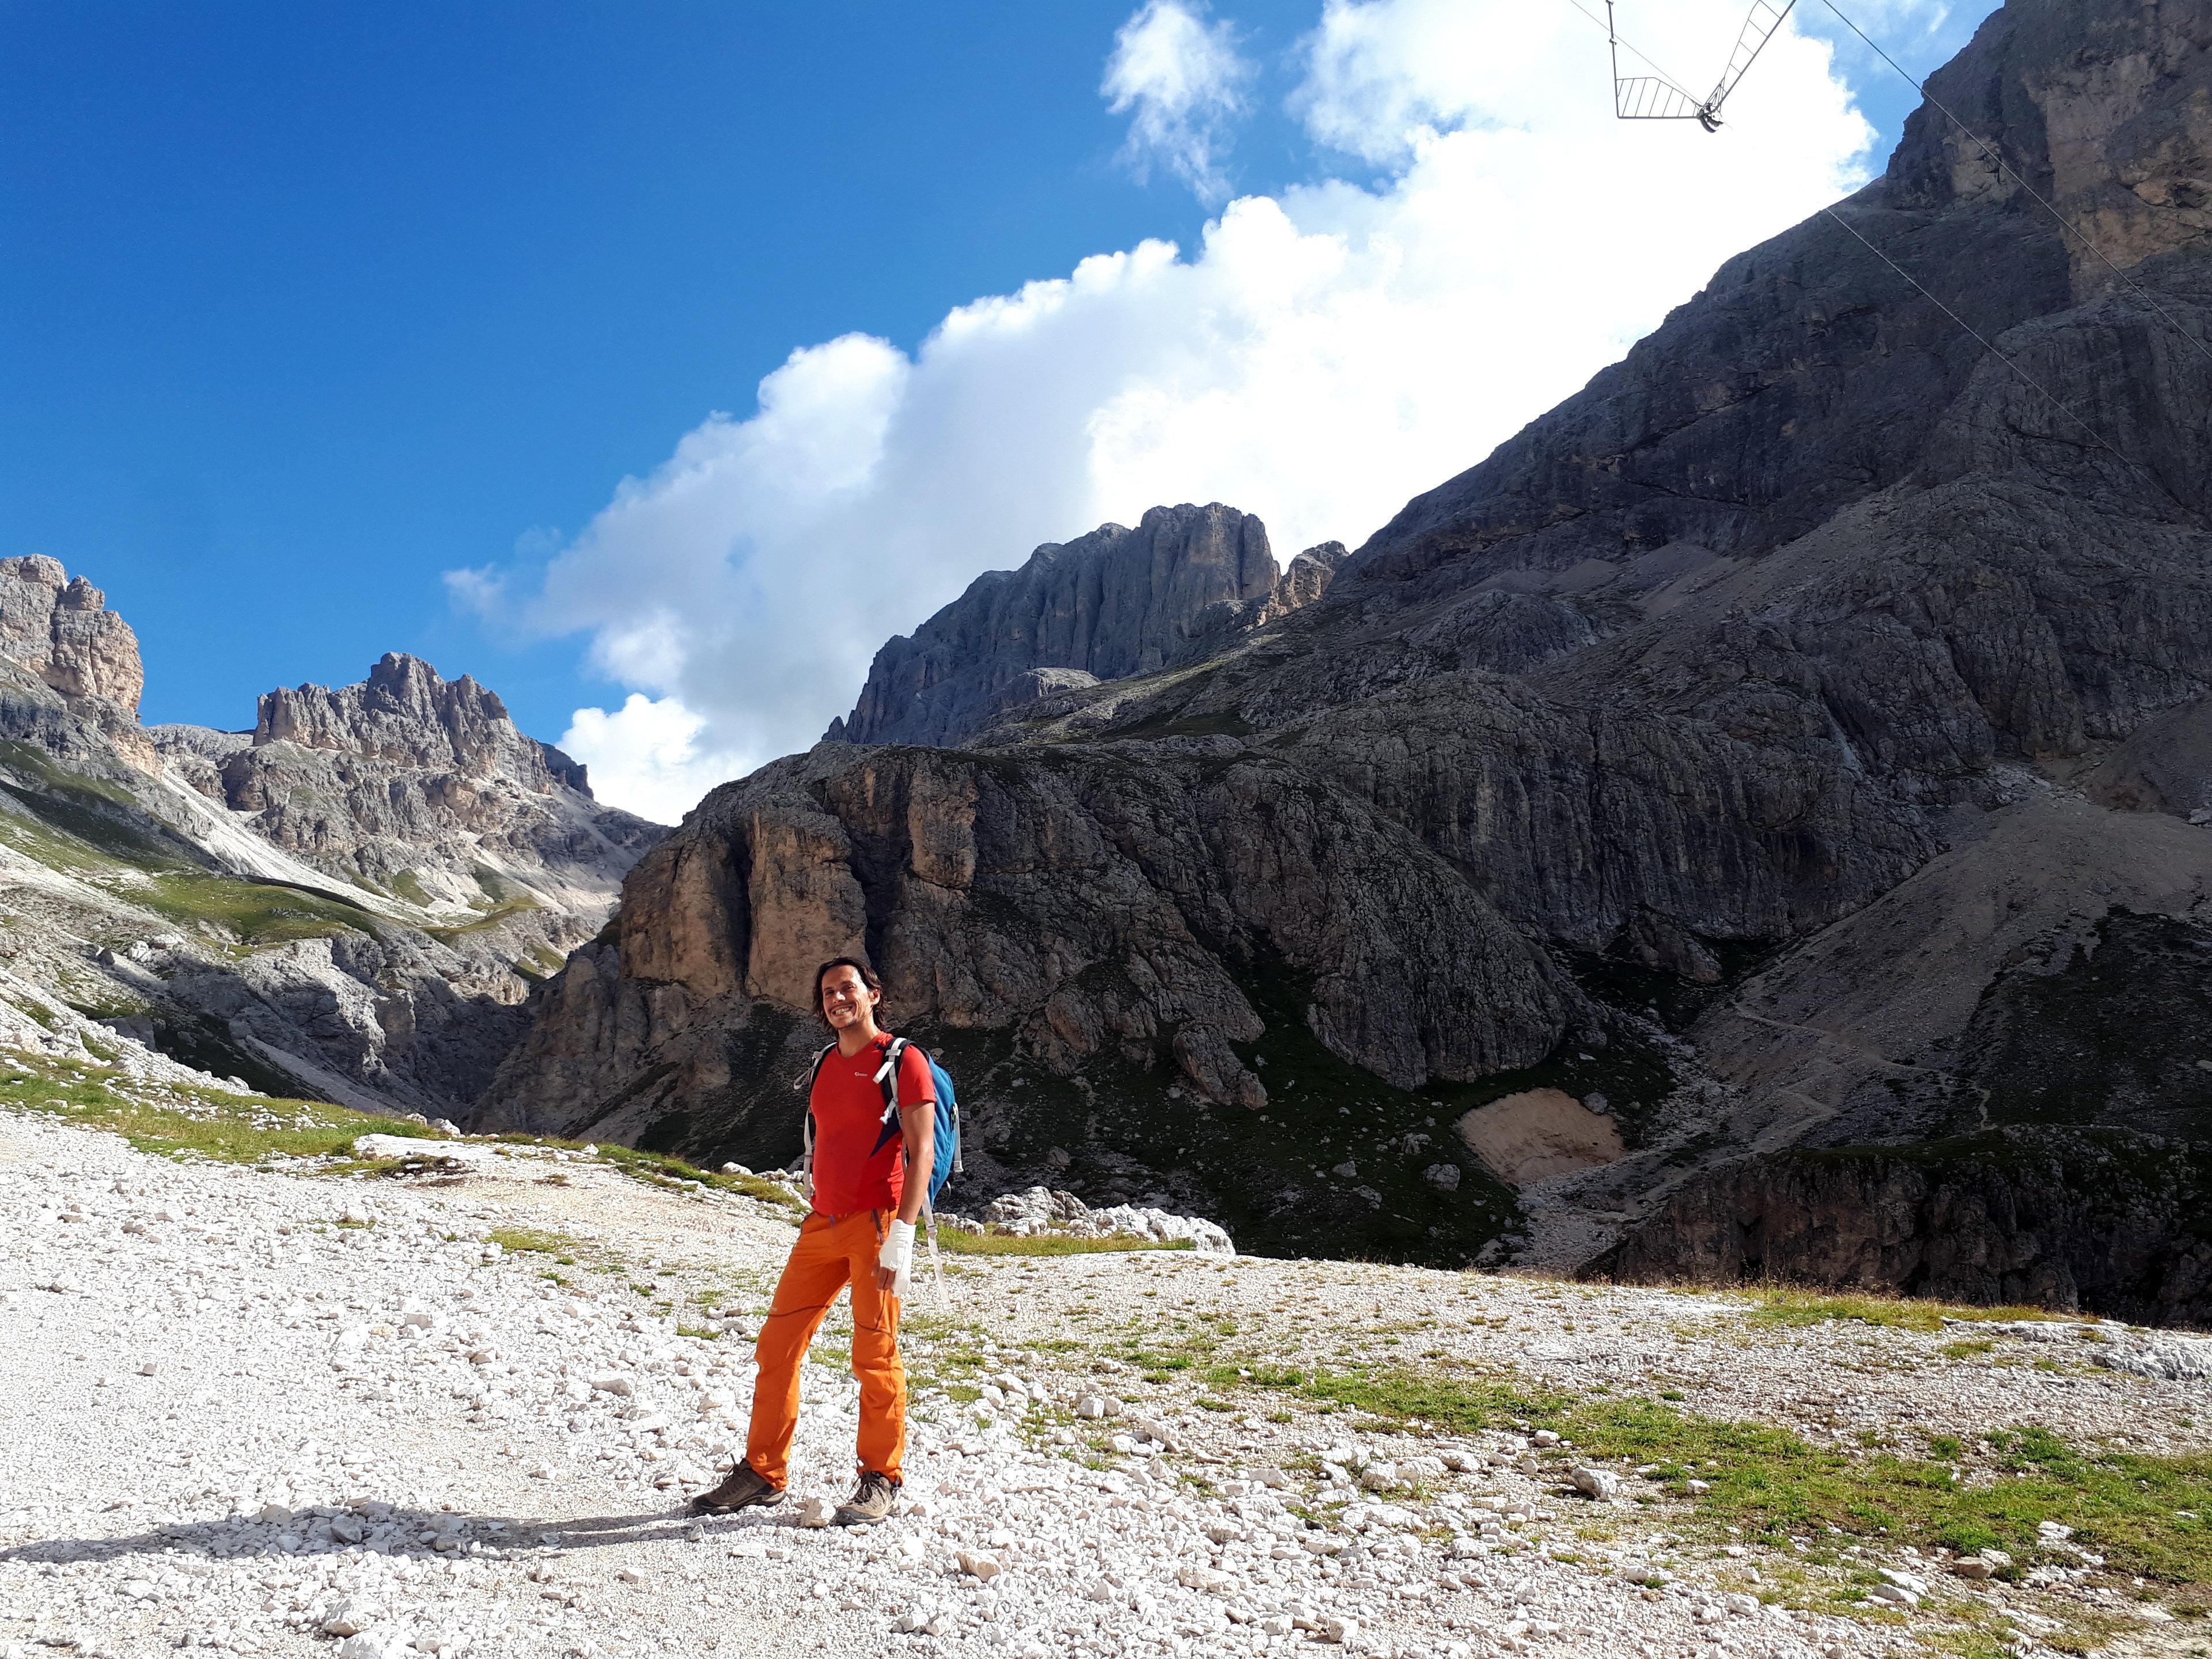 Riprendiamo il sentiero che dal rifugio Vajolet porta verso il Passo Principe